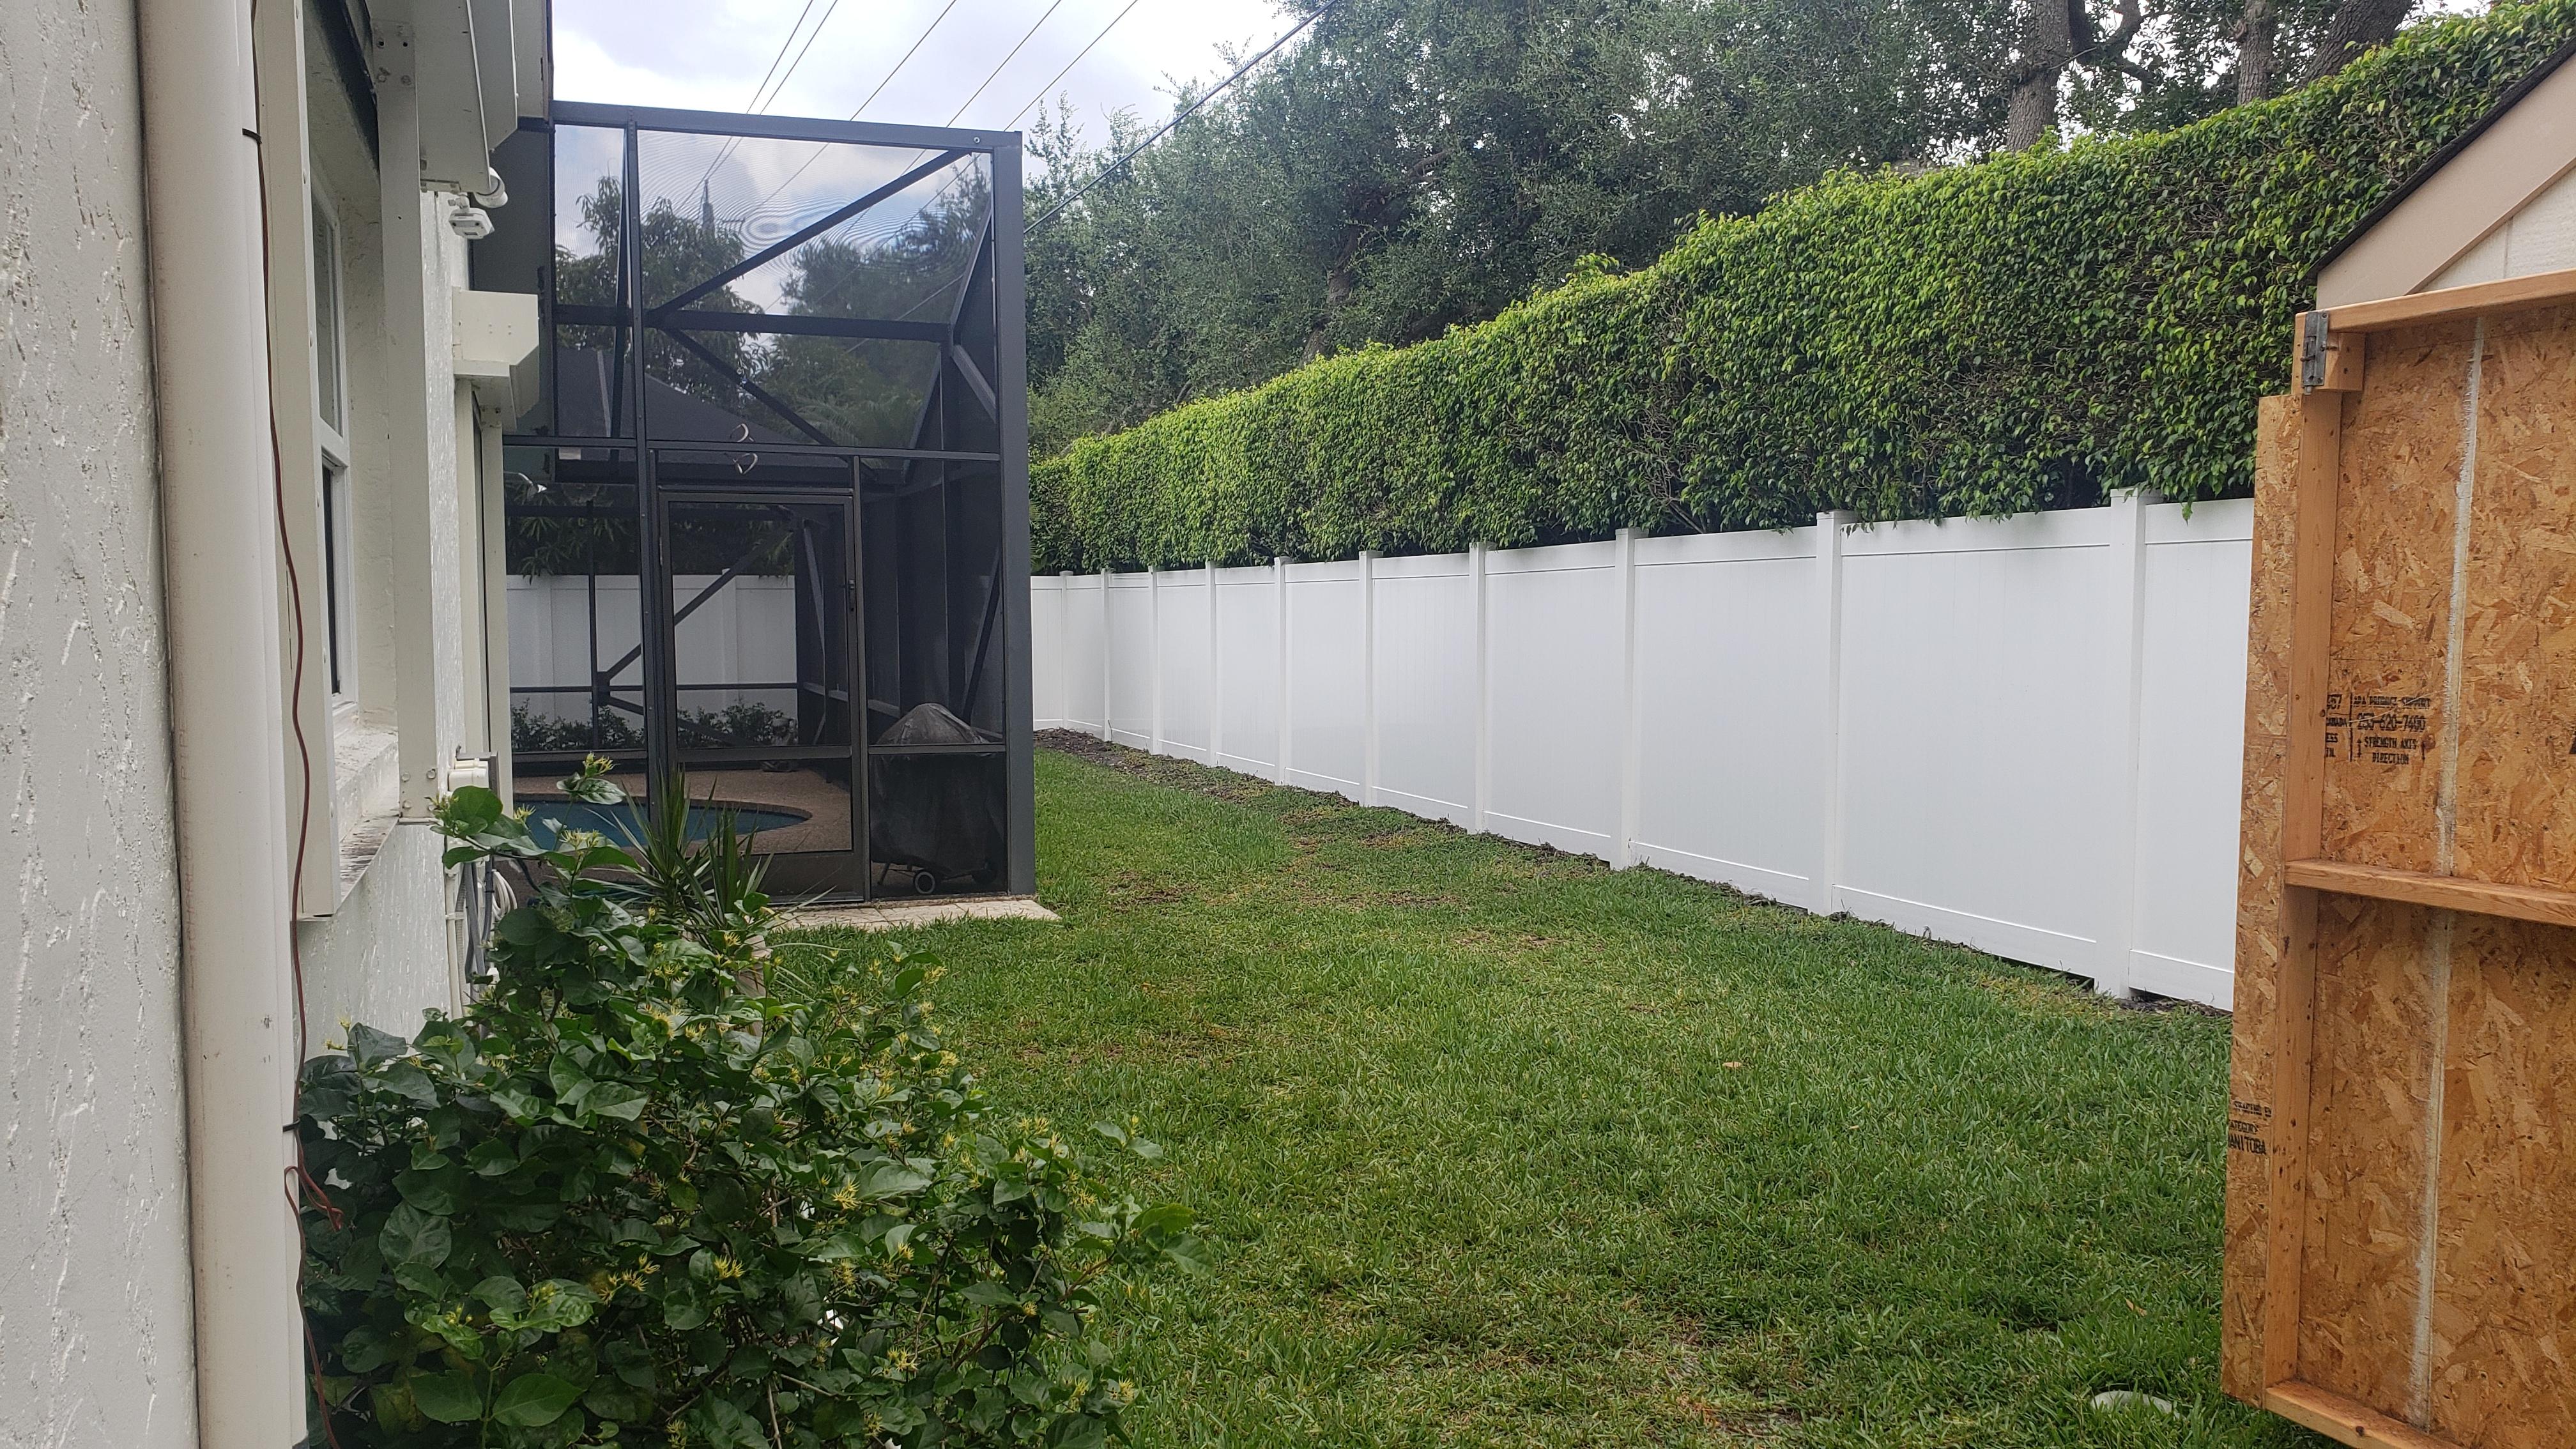 amarillo fencing company